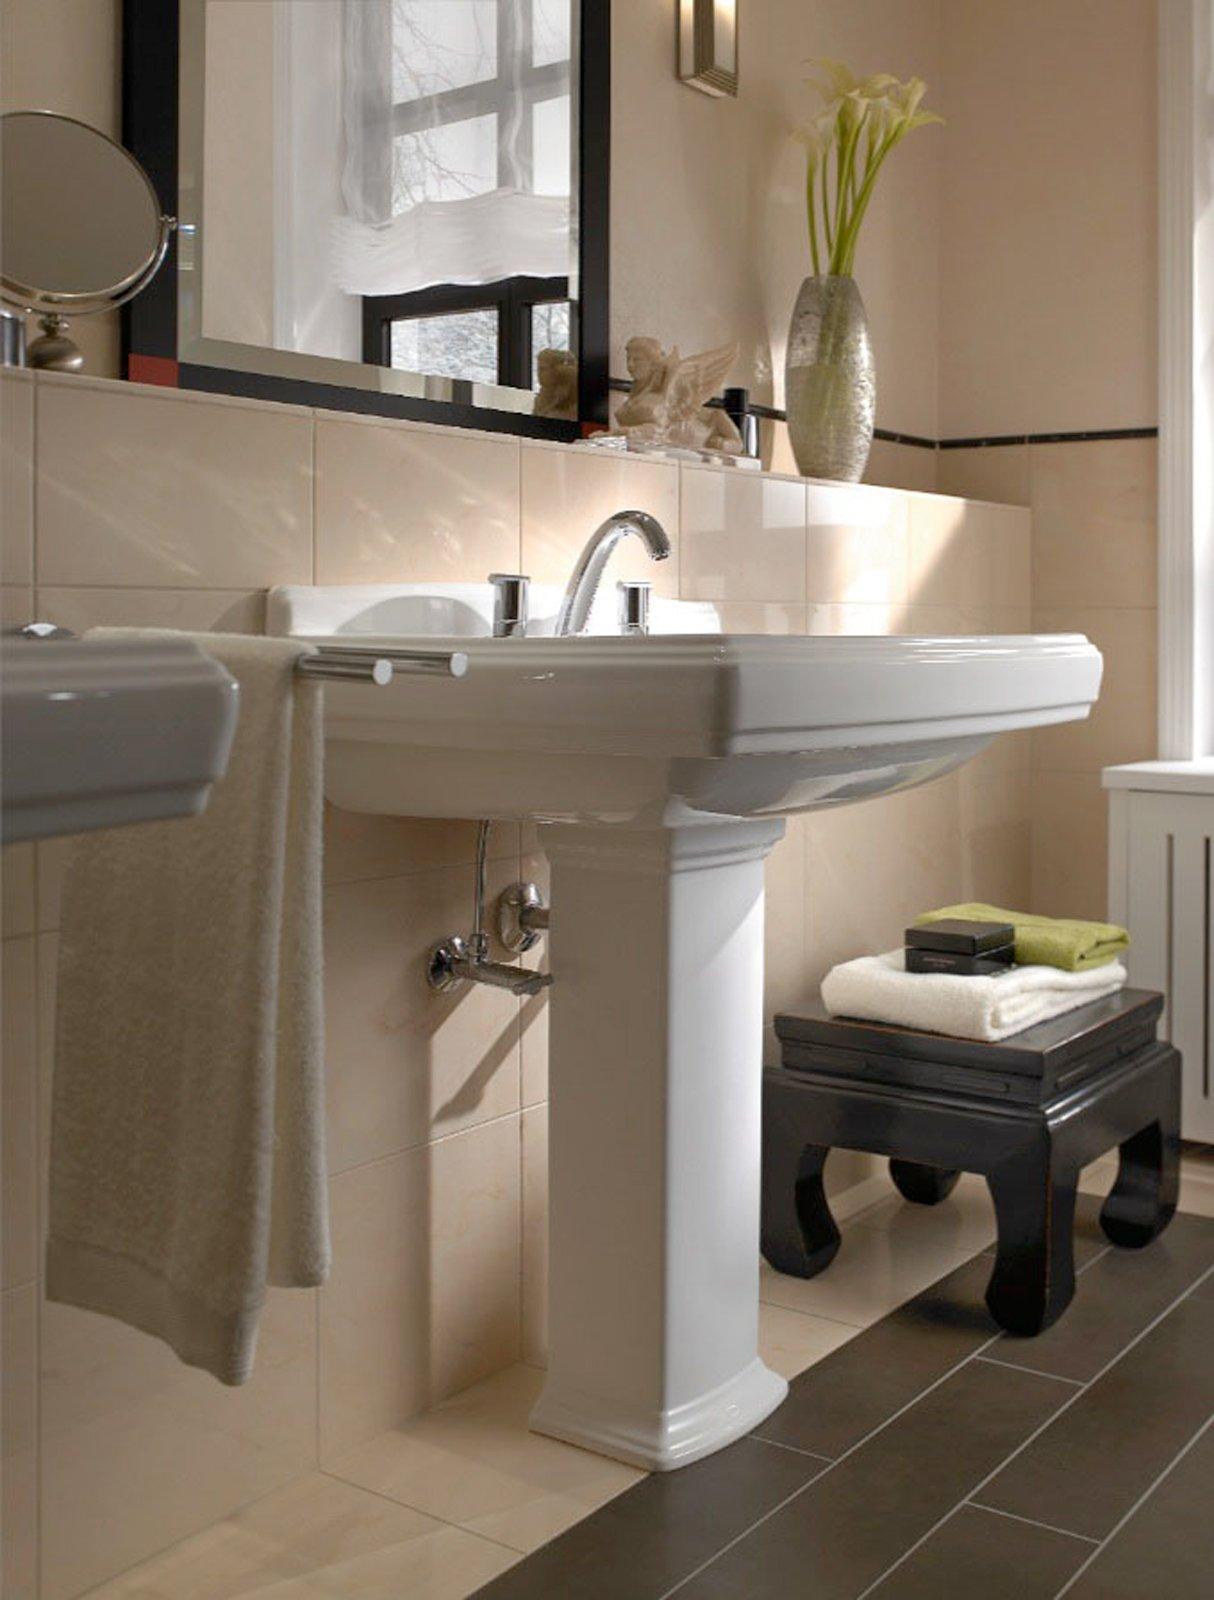 Lavabi classici lo stile anche in bagno cose di casa - Lavabo angolare bagno ...